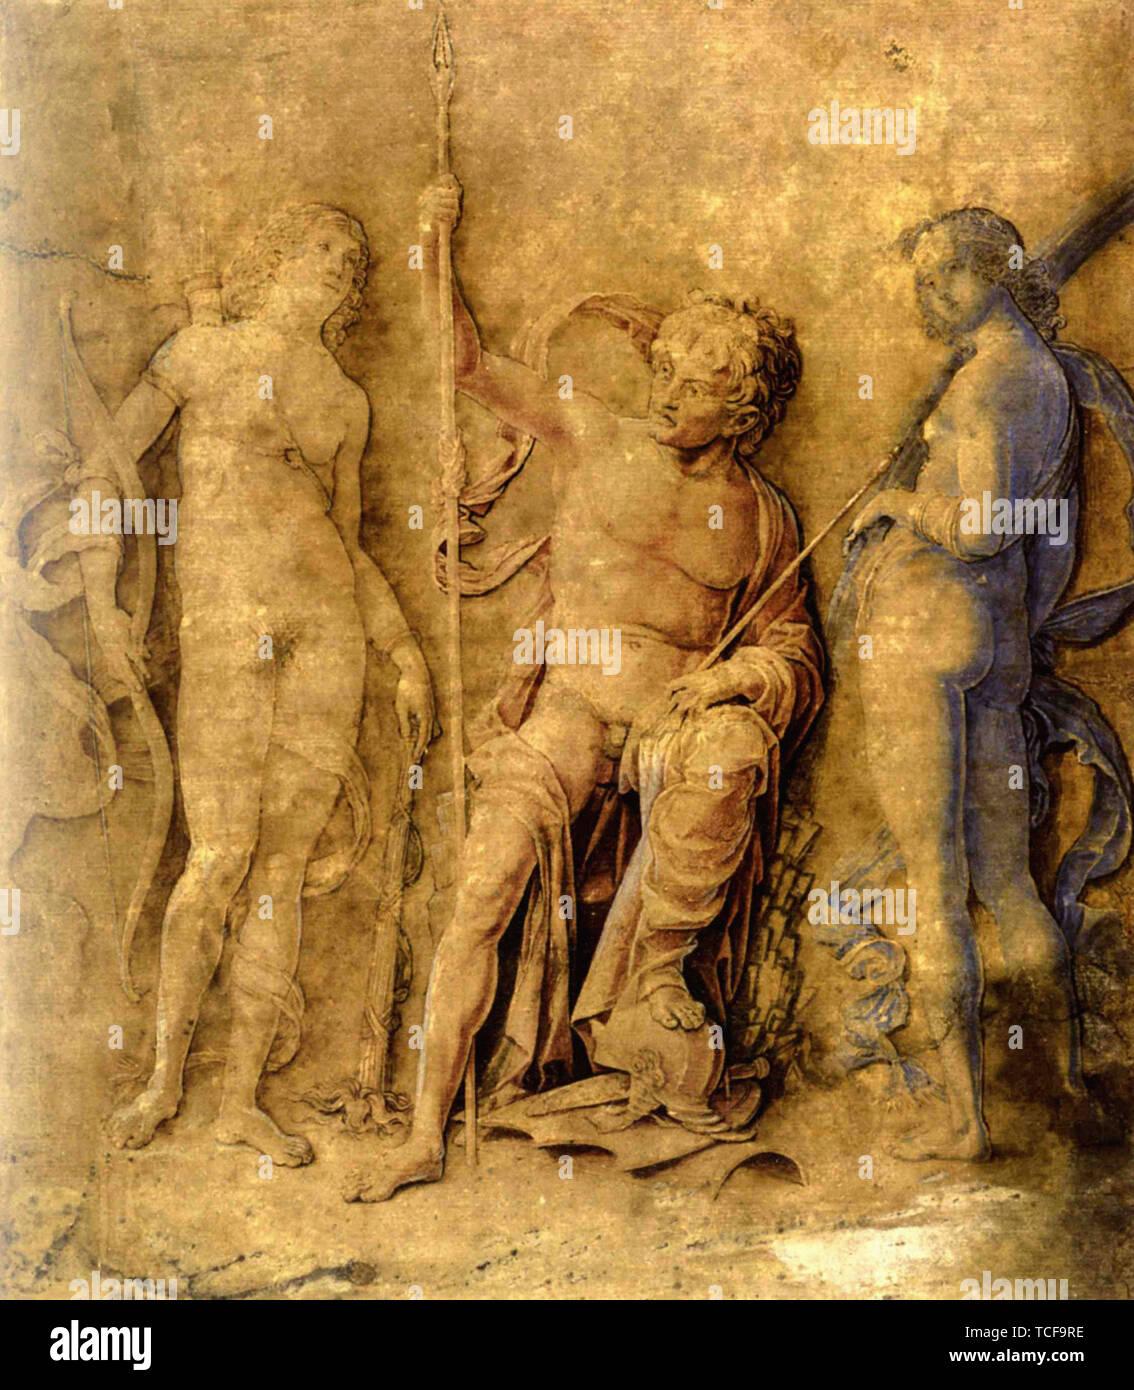 Andrea Mantegna - Three Deities 1500 - Stock Image